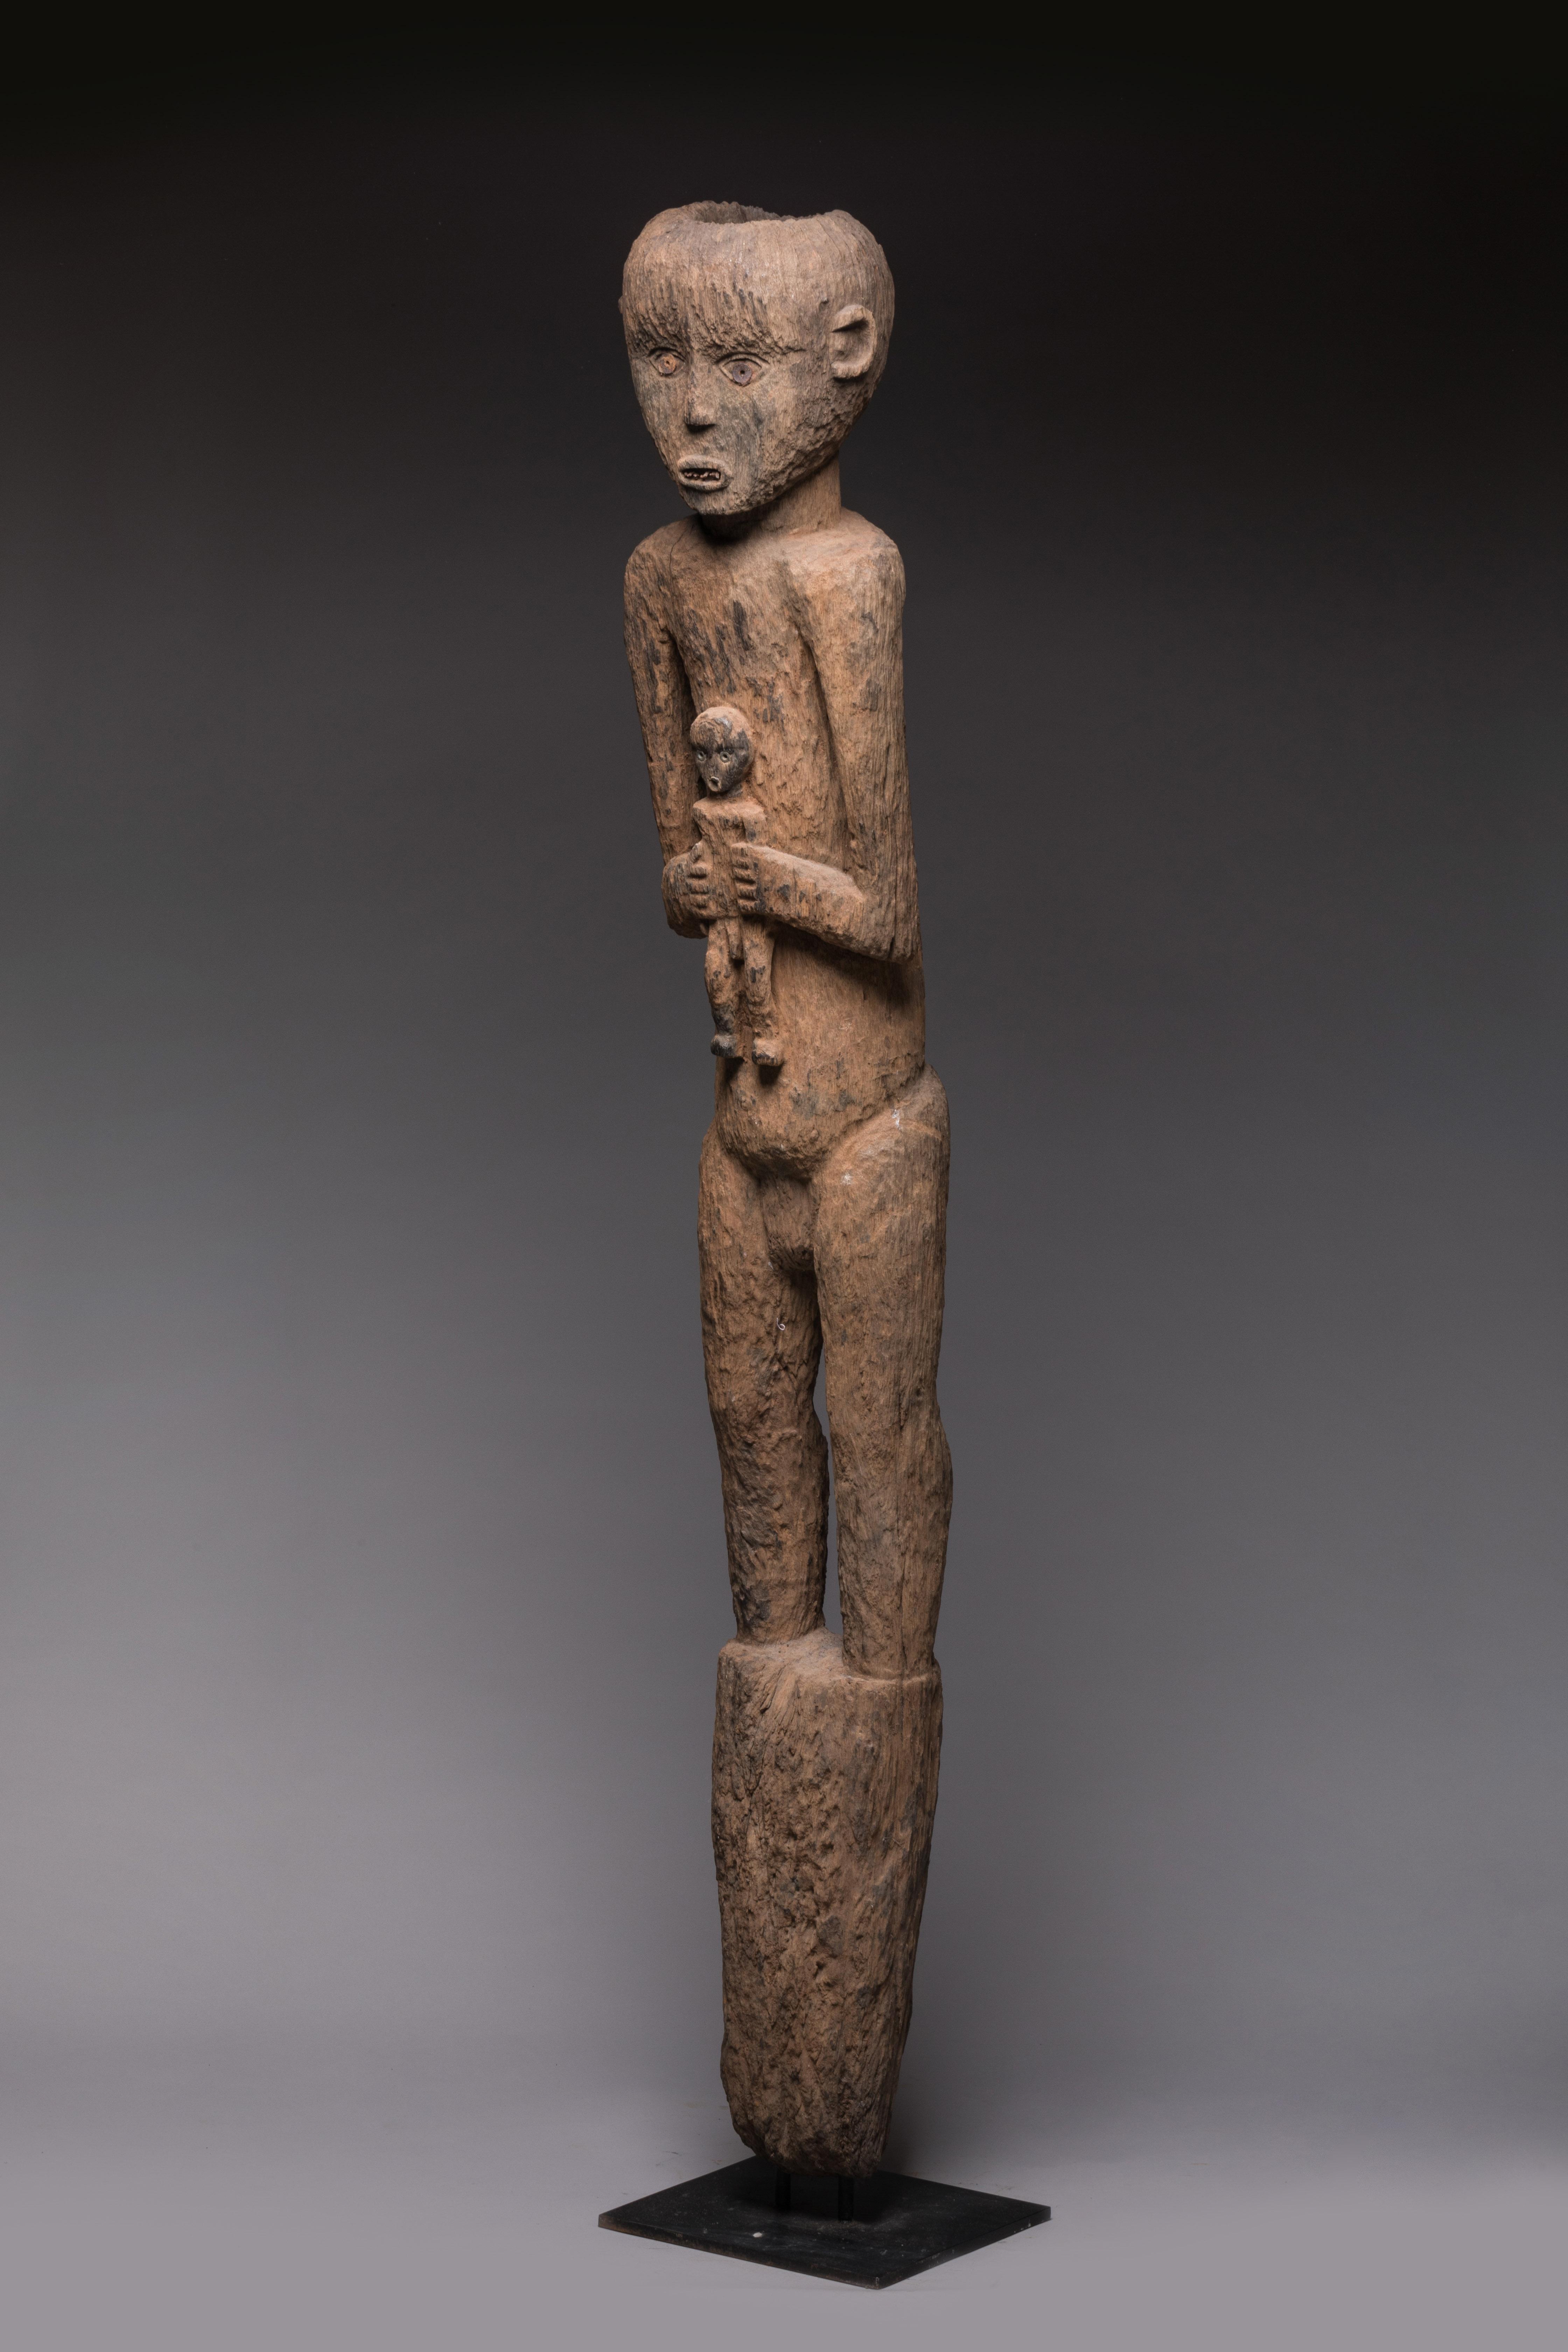 Vente Arts d'Afrique - d'Asie - d'Océanie - d'Amérique du nord (Orléans) chez Pousse Cornet - Valoir : 329 lots